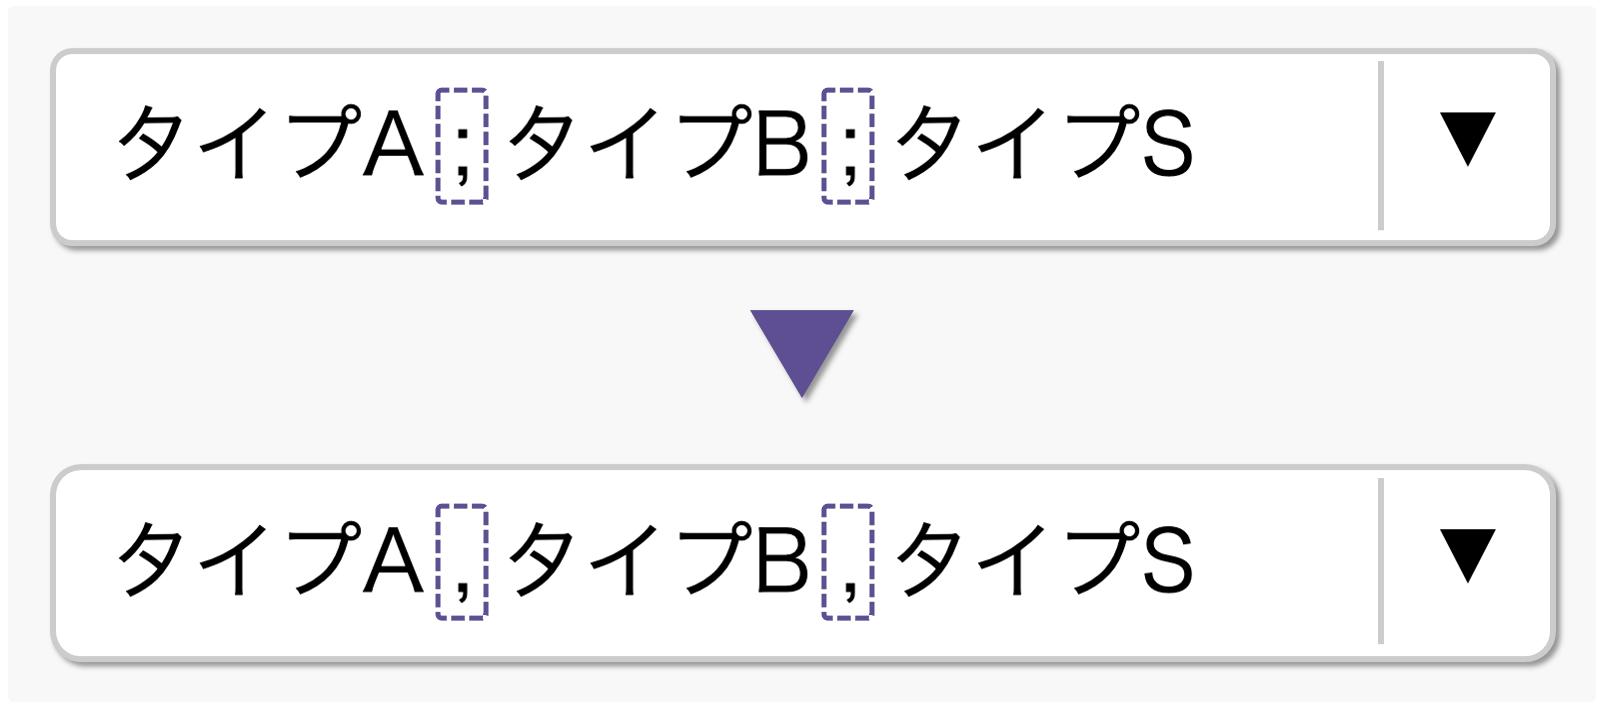 選択アイテムの区切り文字変更